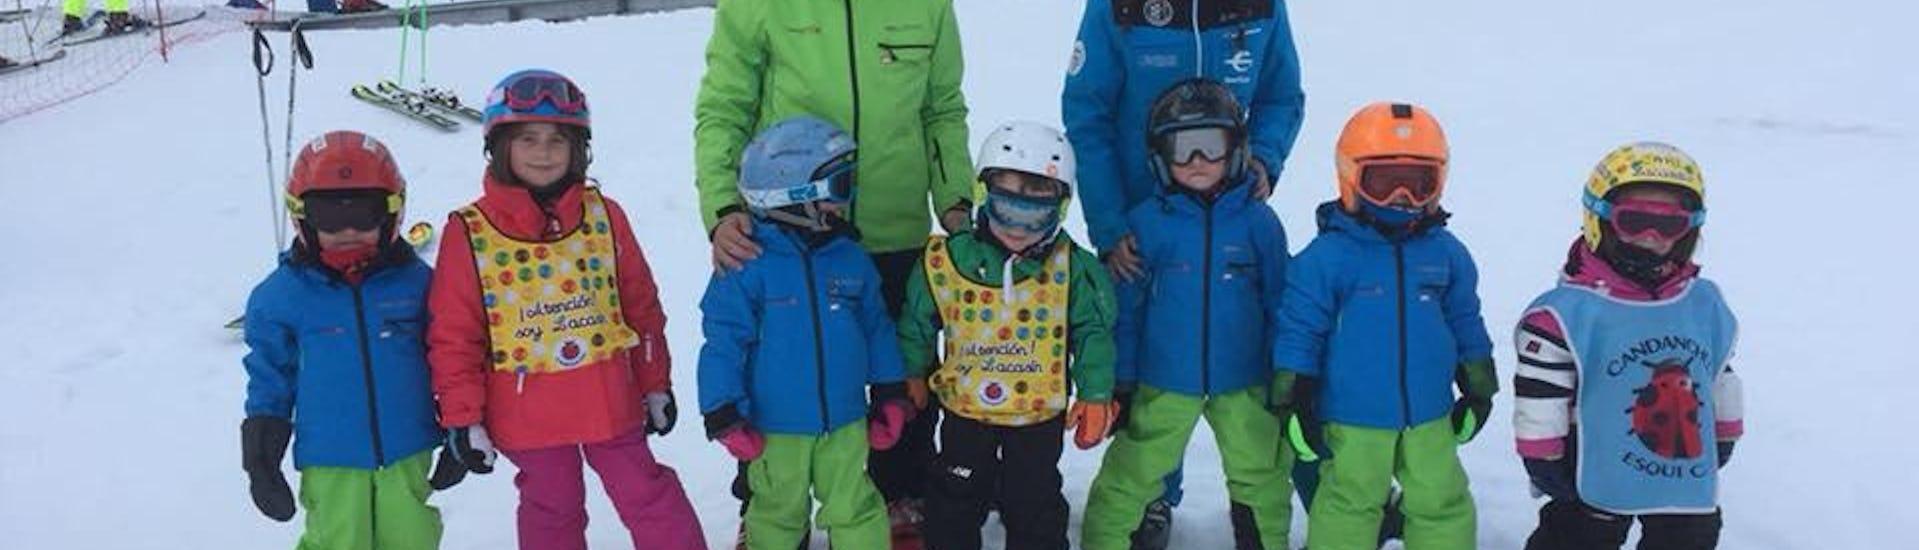 Skikurs für Kinder (5-12 Jahre) - Fortgeschritten